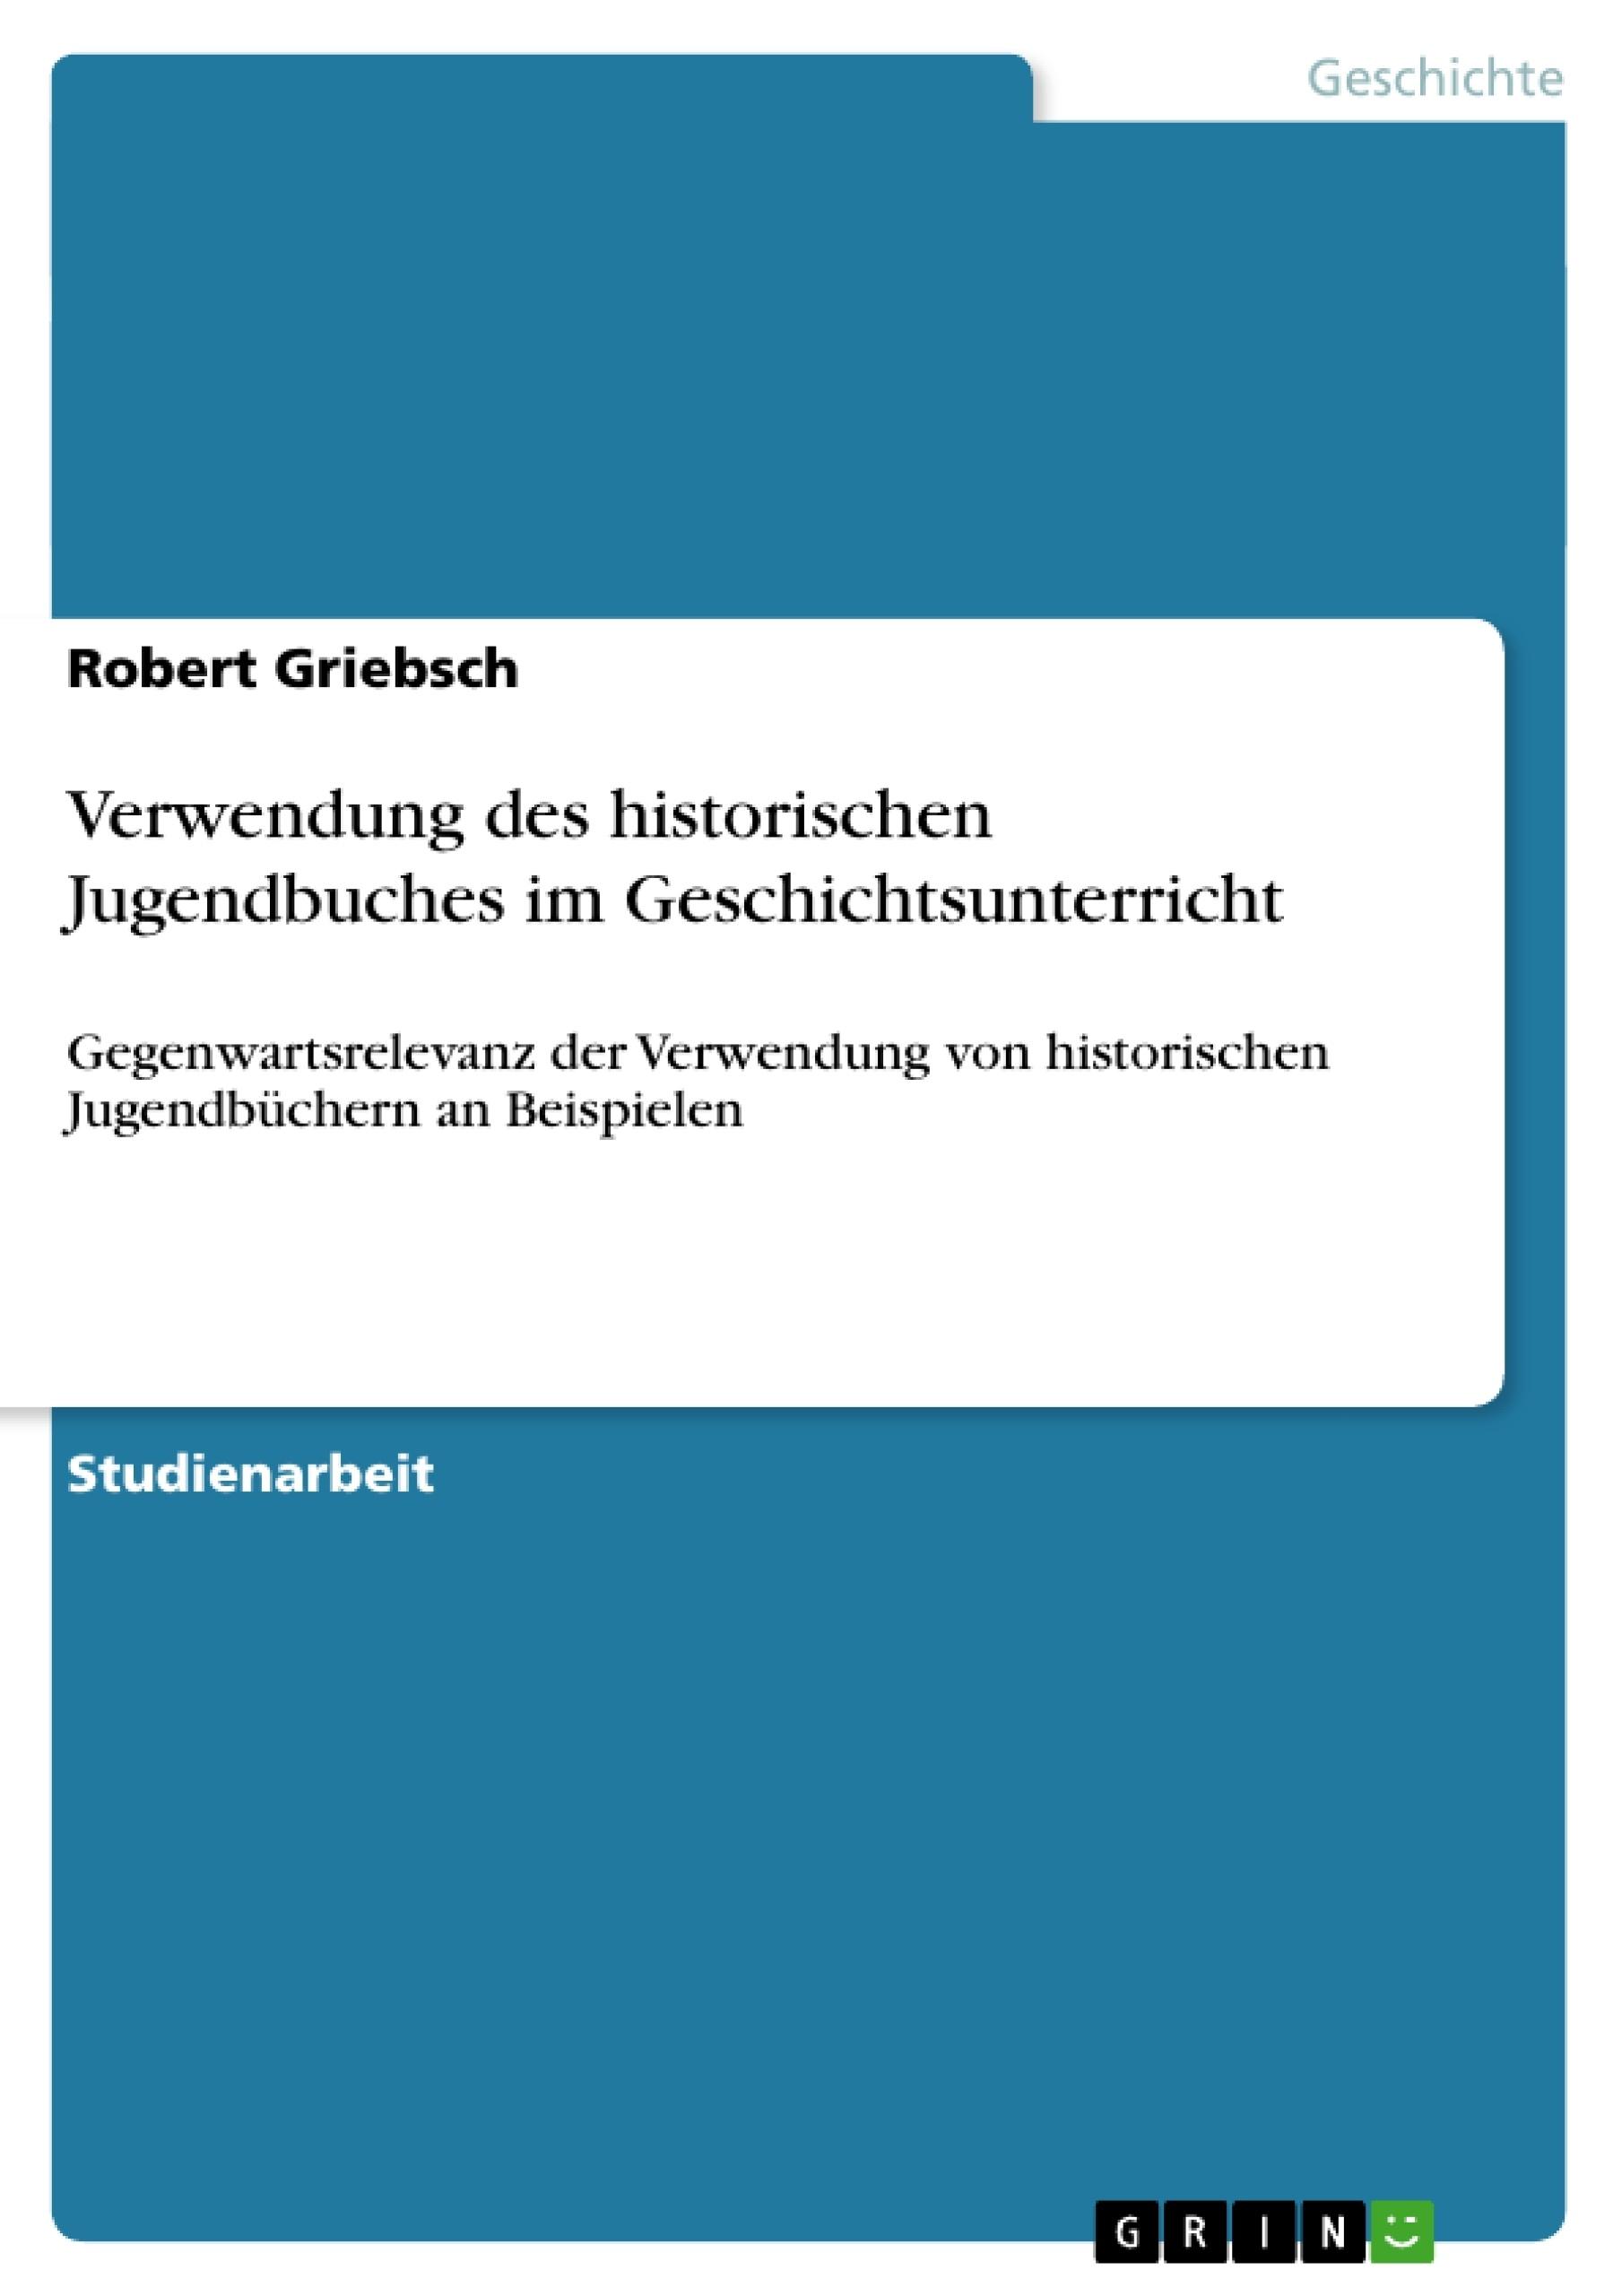 Titel: Verwendung des historischen Jugendbuches im Geschichtsunterricht